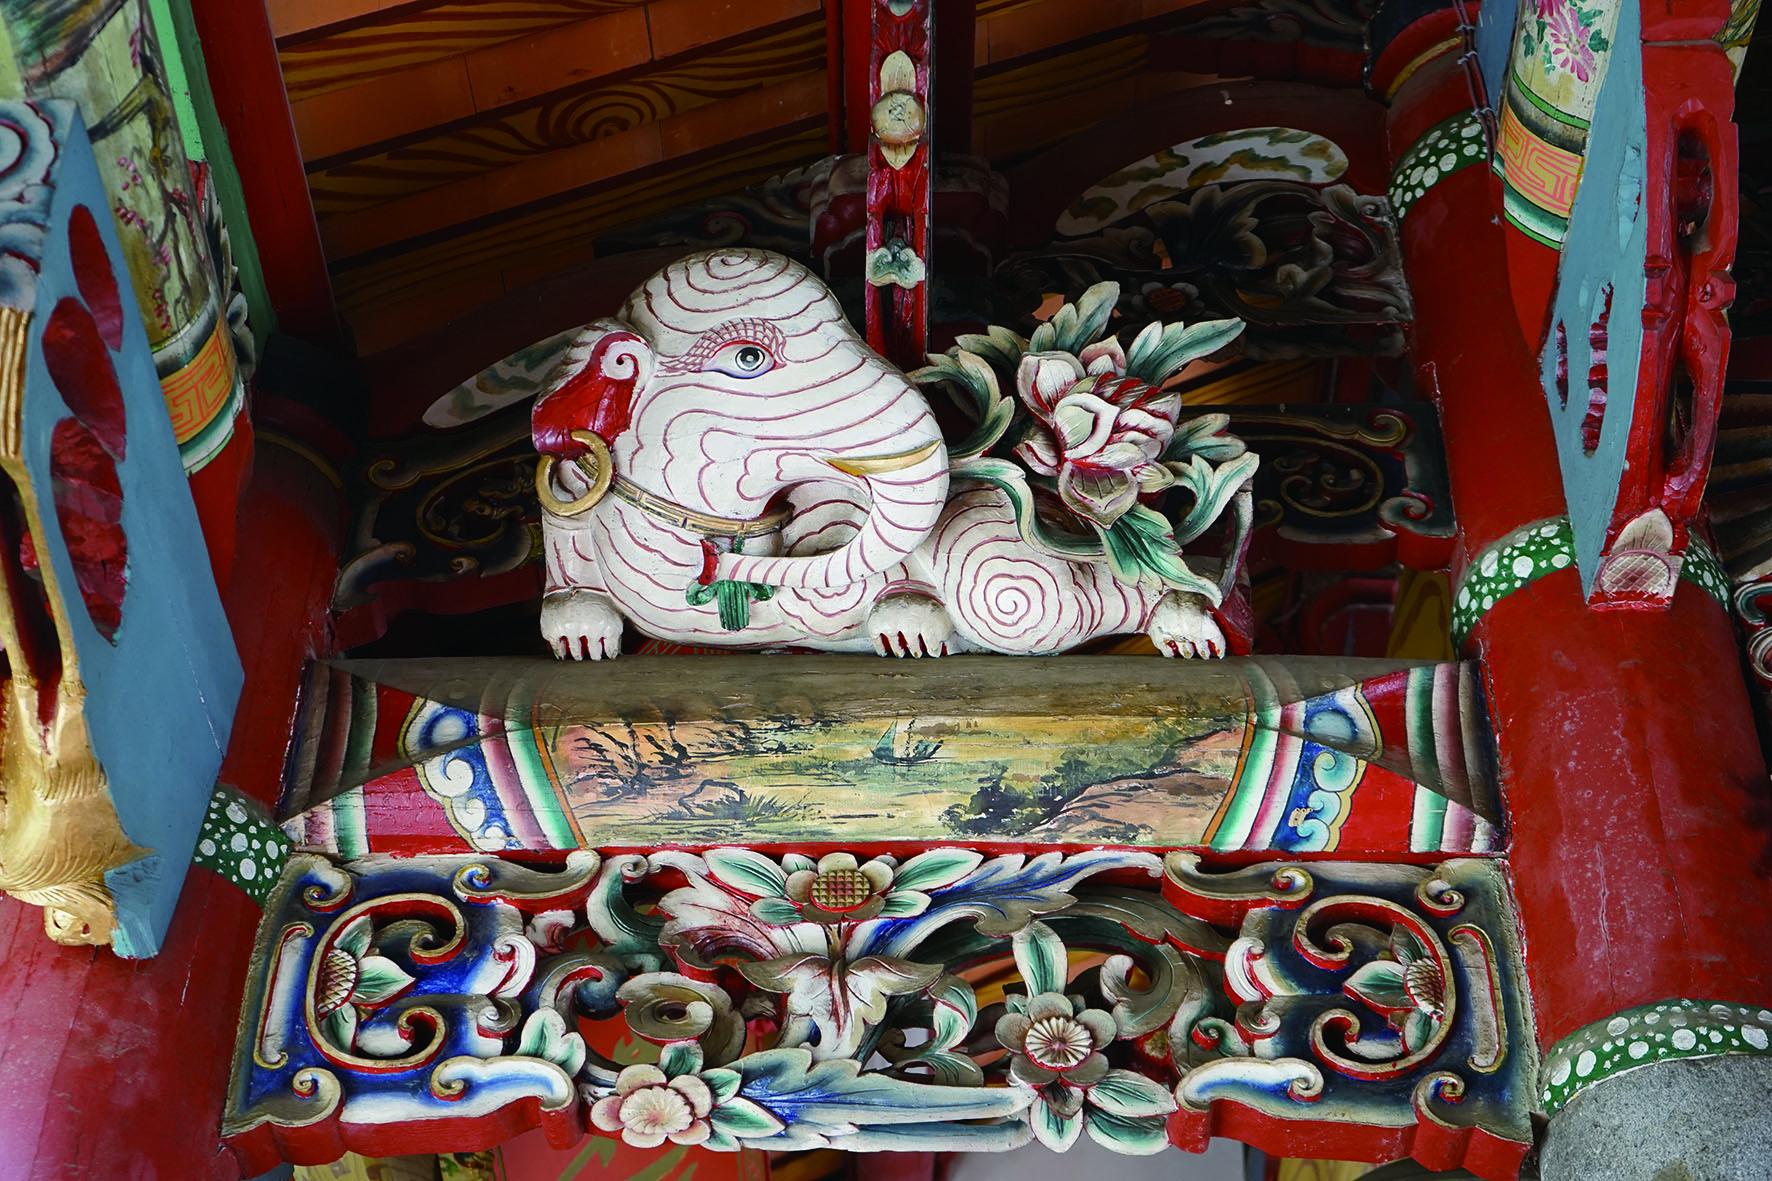 三元宮的各式裝飾將傳統工藝之美發揮得淋漓盡致。.JPG